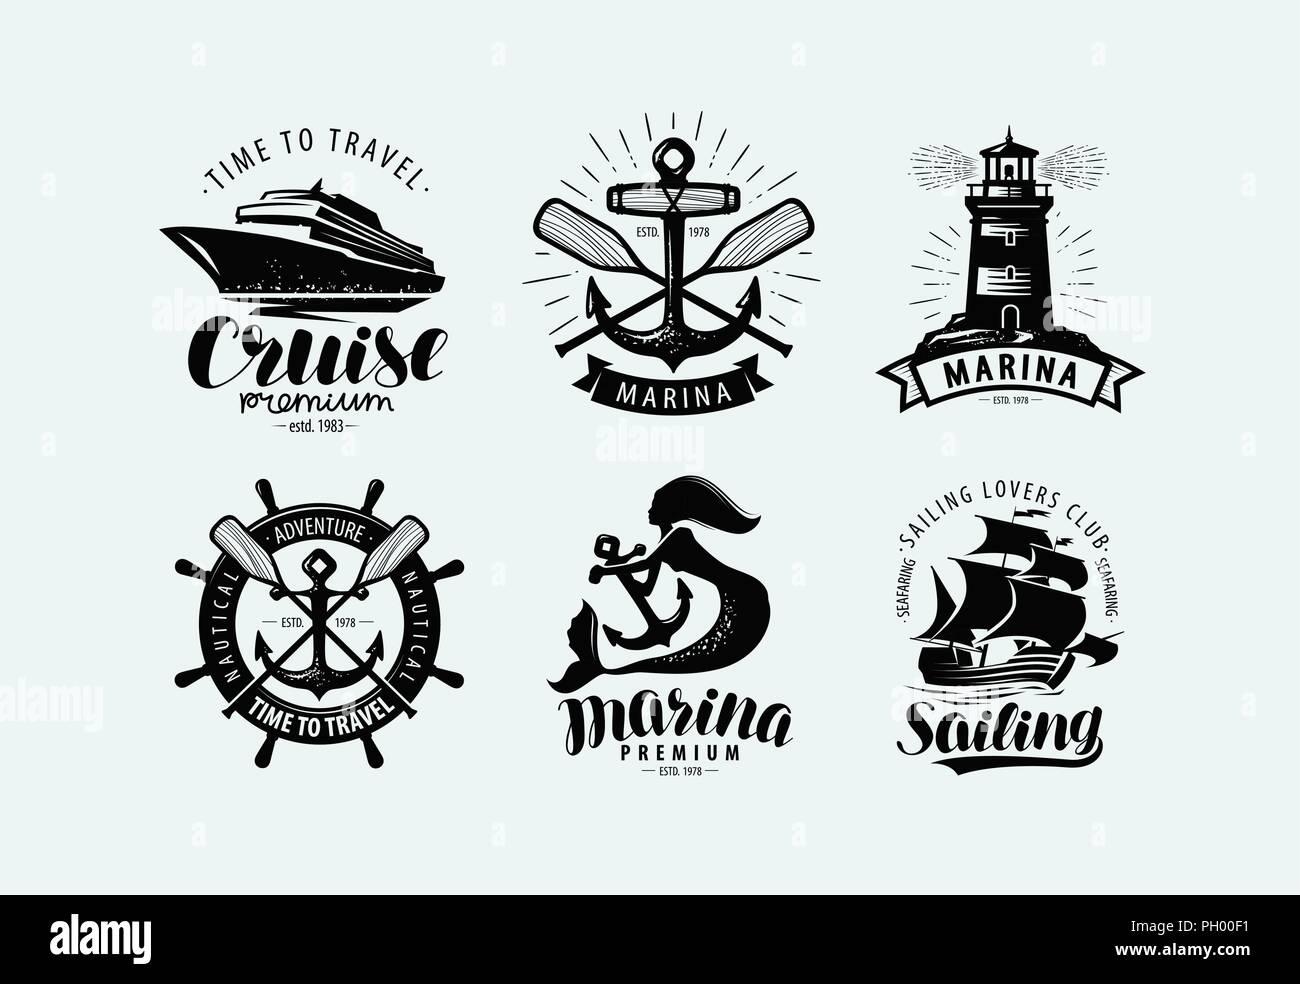 Cruise Collection Stock Photos & Cruise Collection Stock ...